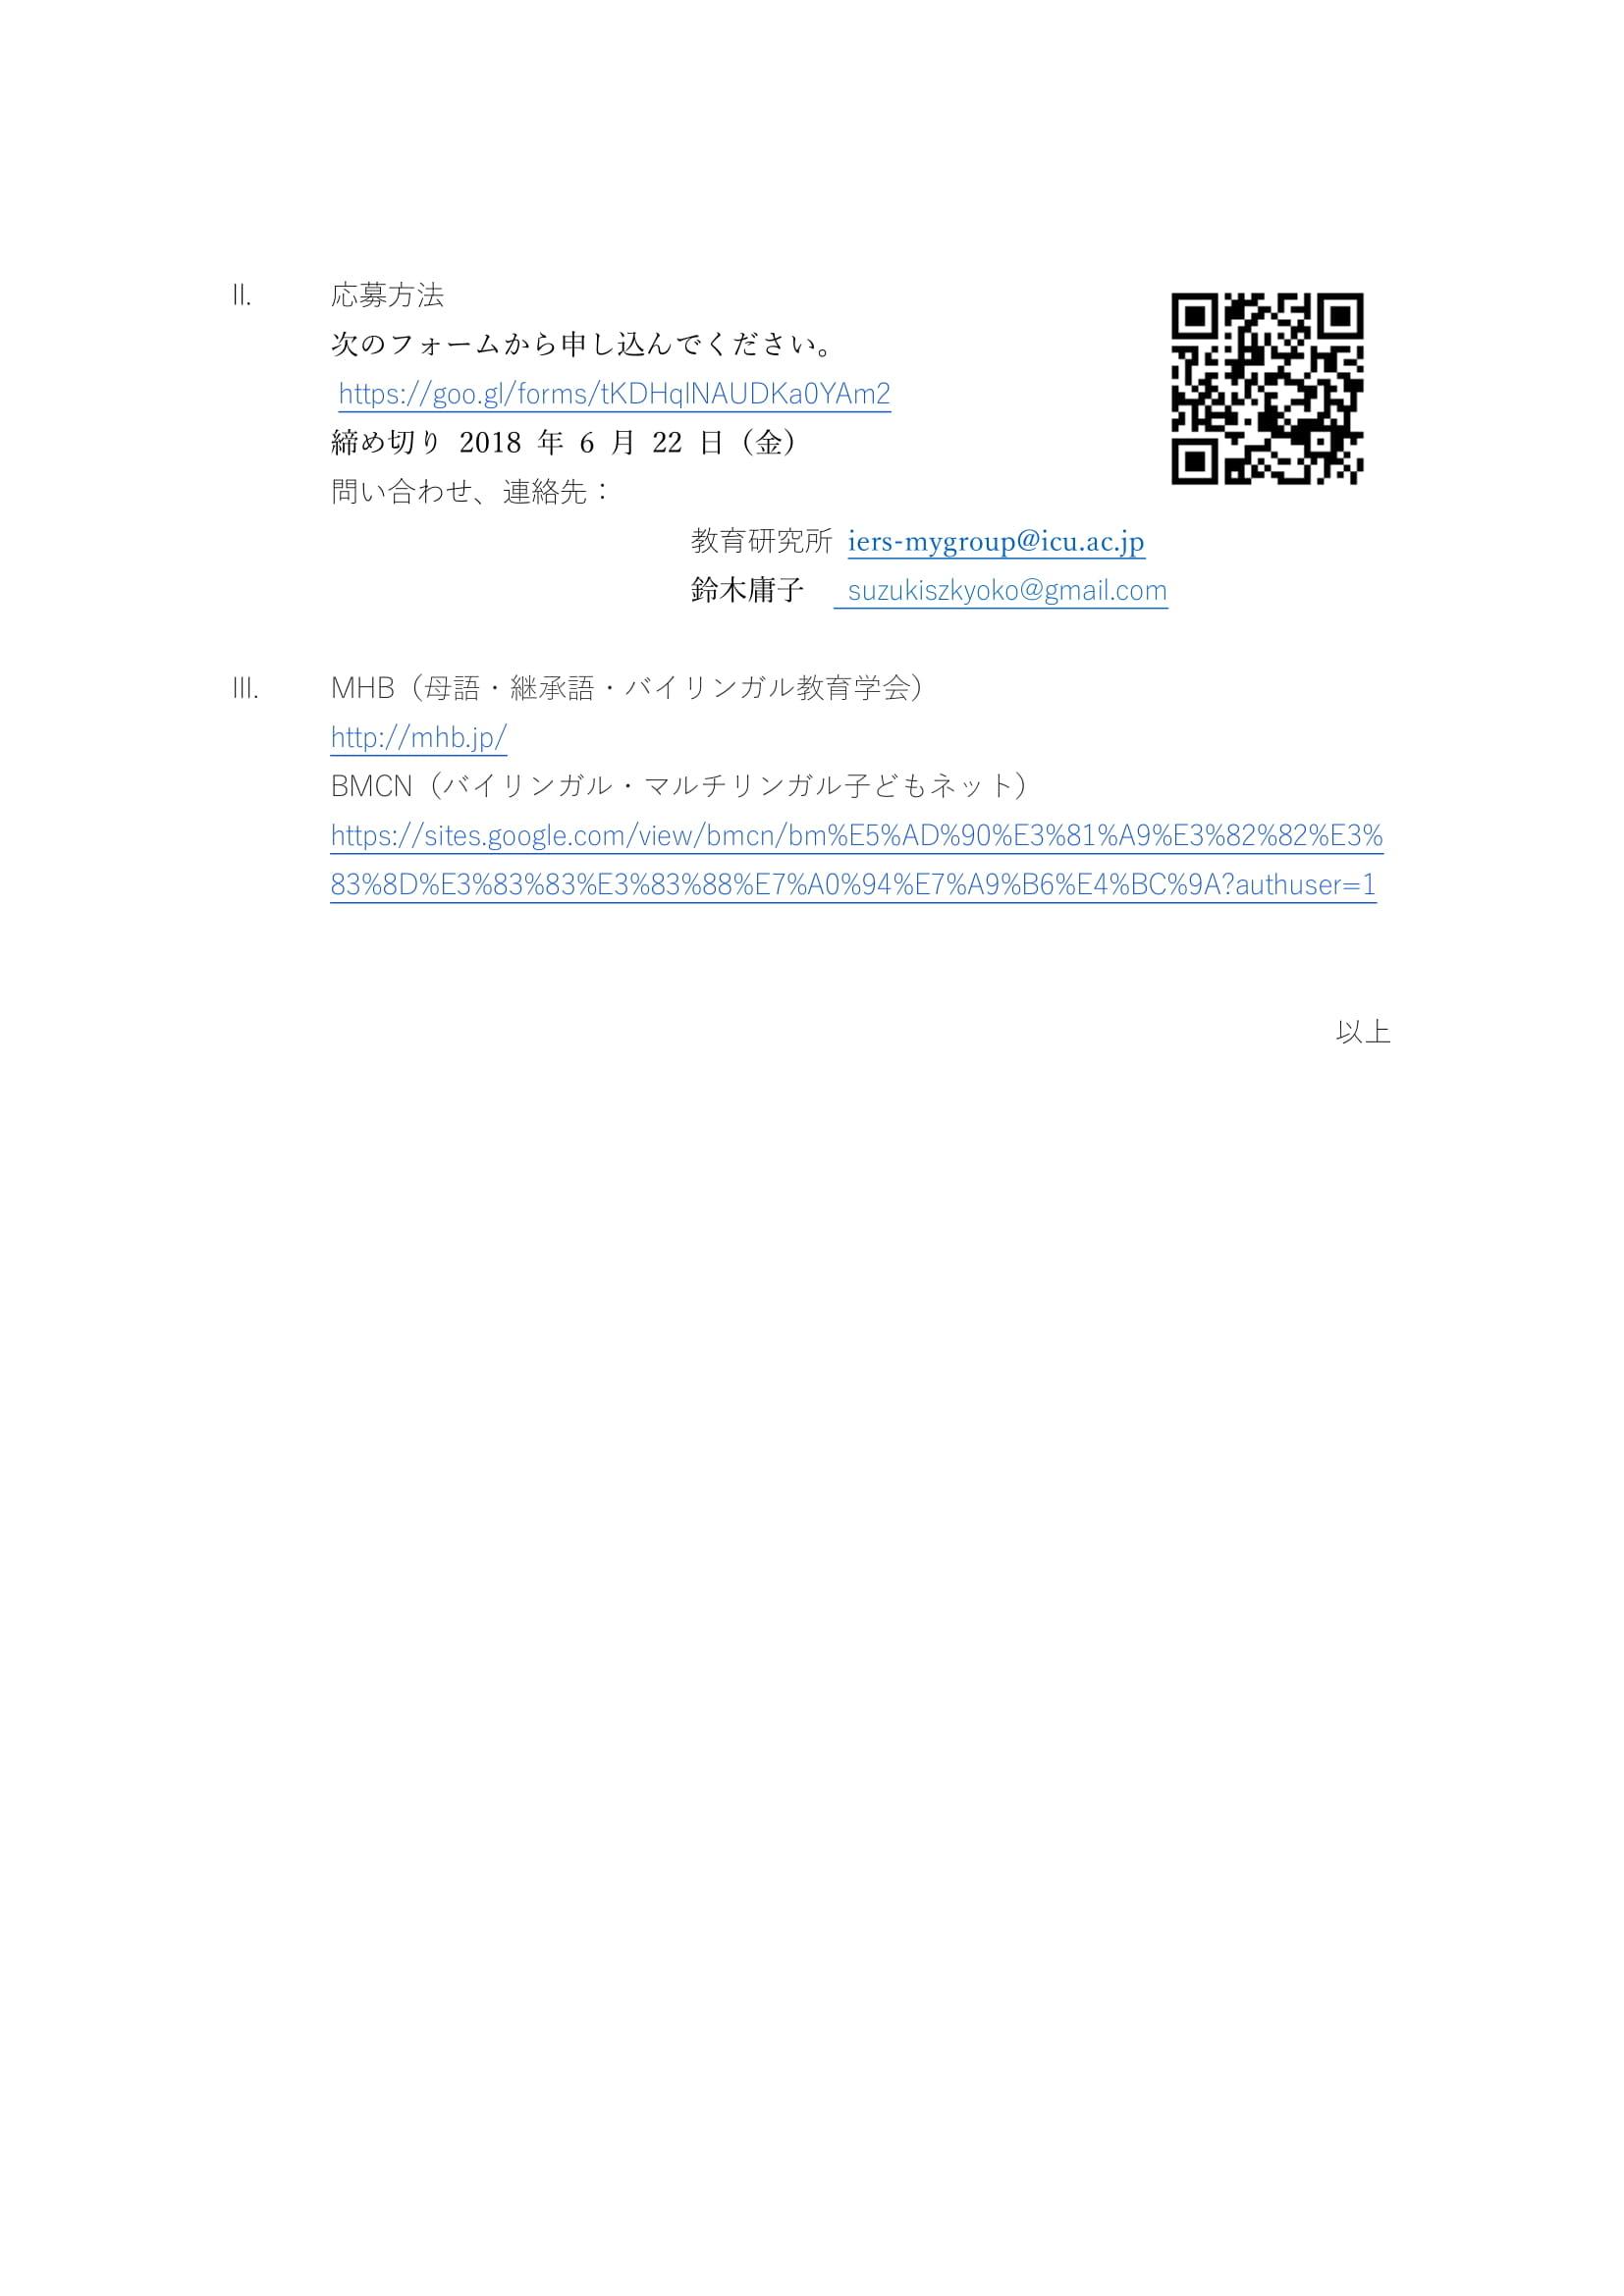 MHB_BMCN2018アルバイト募集ポスターoz0611-2.jpg